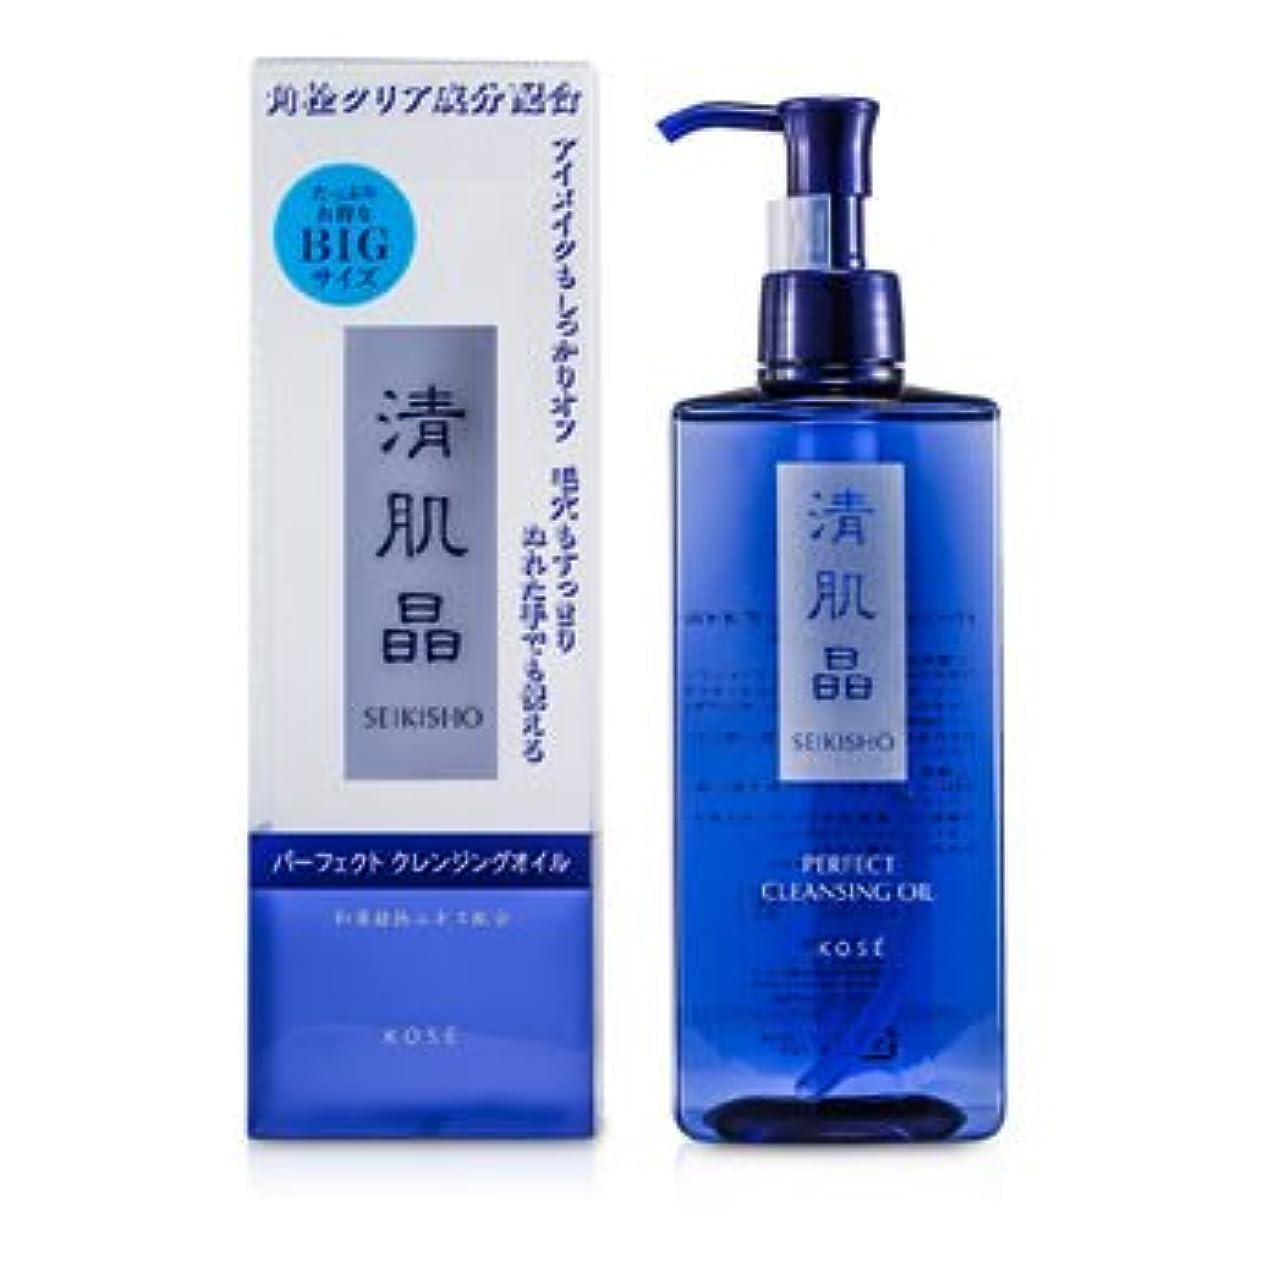 テメリティメディア。コーセー Seikisho Perfect Cleansing Oil 330ml/11oz並行輸入品